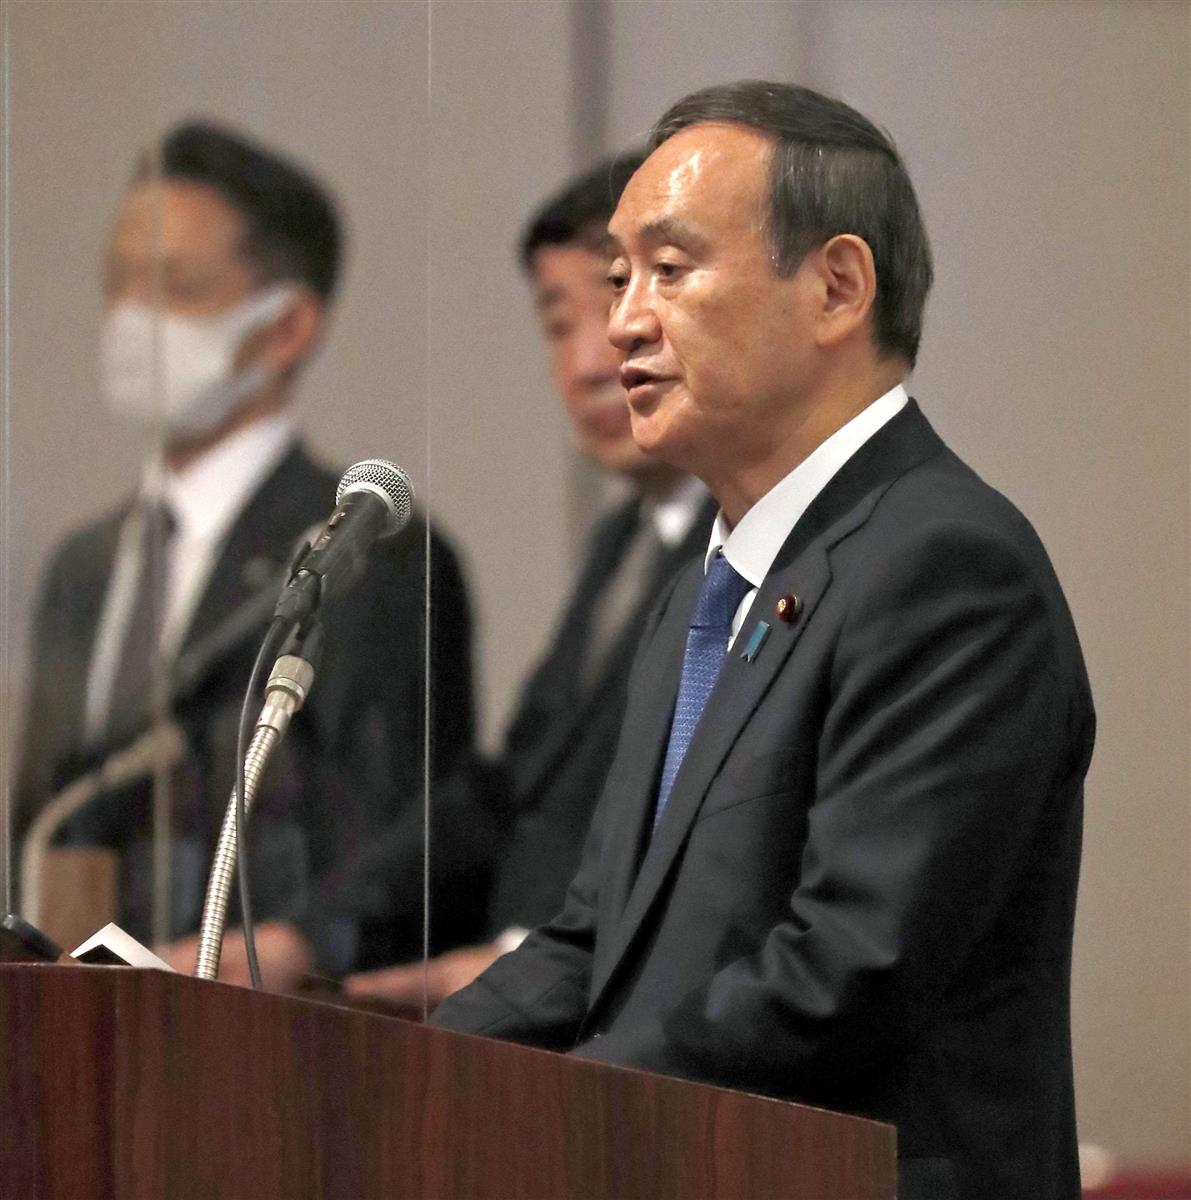 菅首相「金正恩委員長と条件つけずに会う」 改めて強調